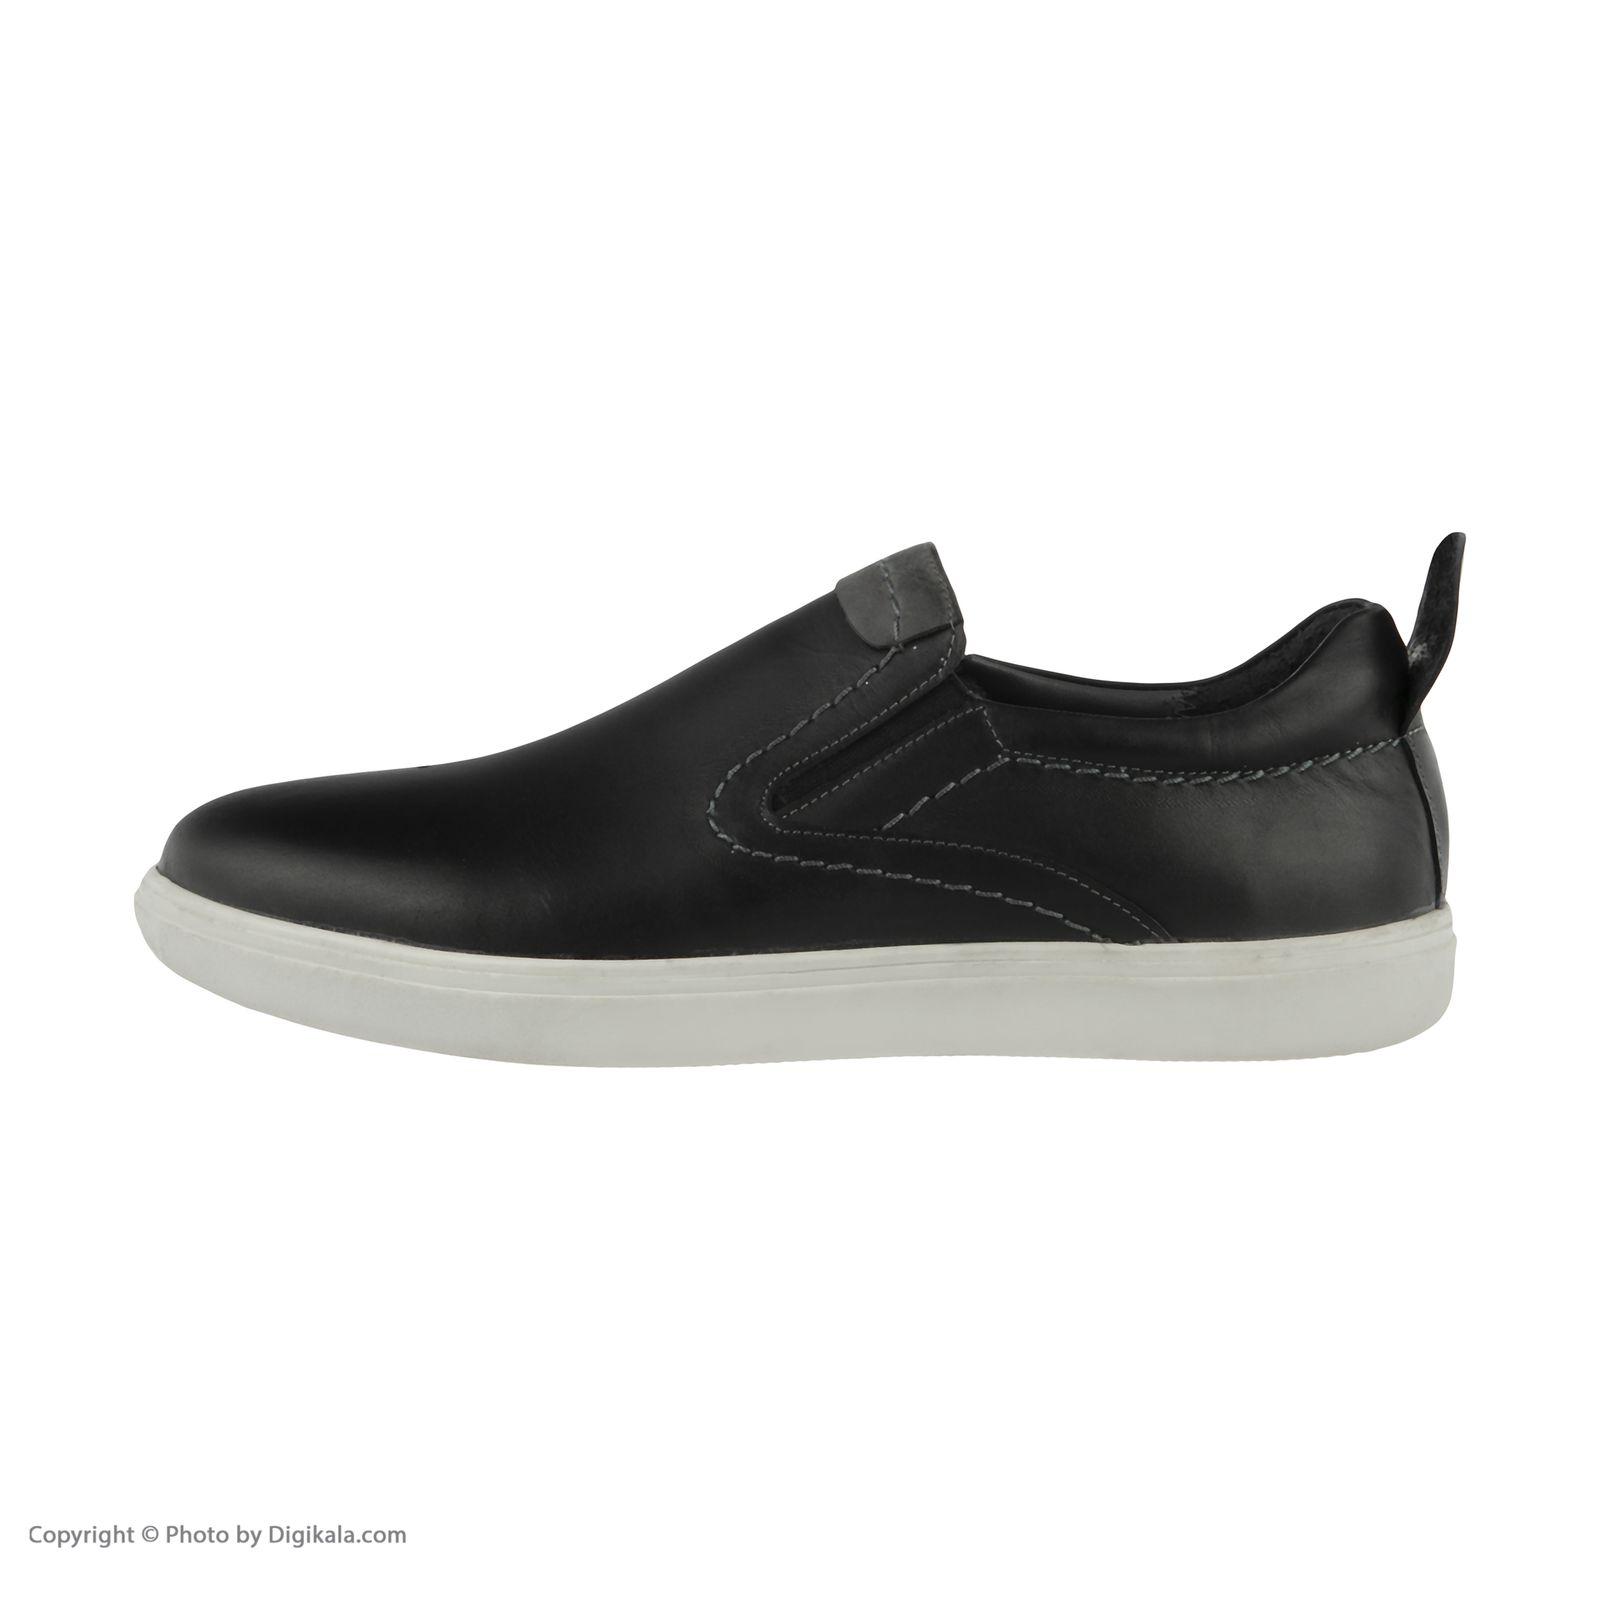 کفش روزمره مردانه سوته مدل 5038A503101 -  - 3